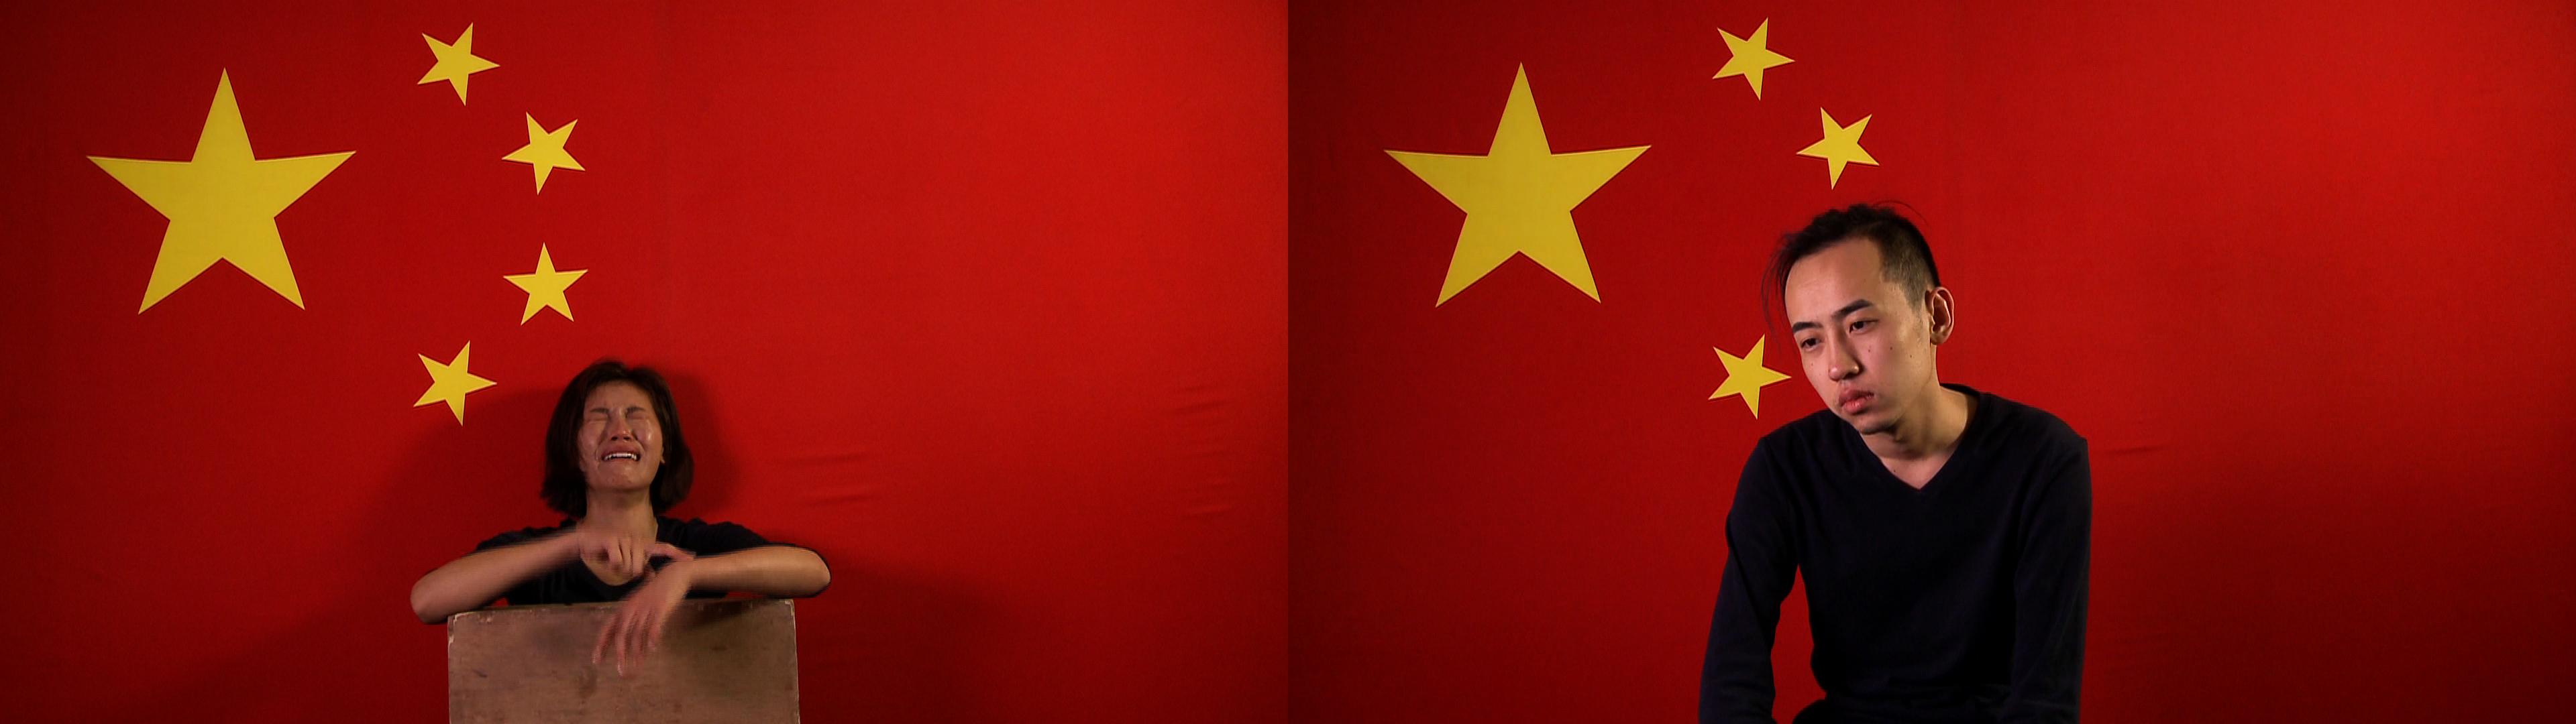 China mix 8